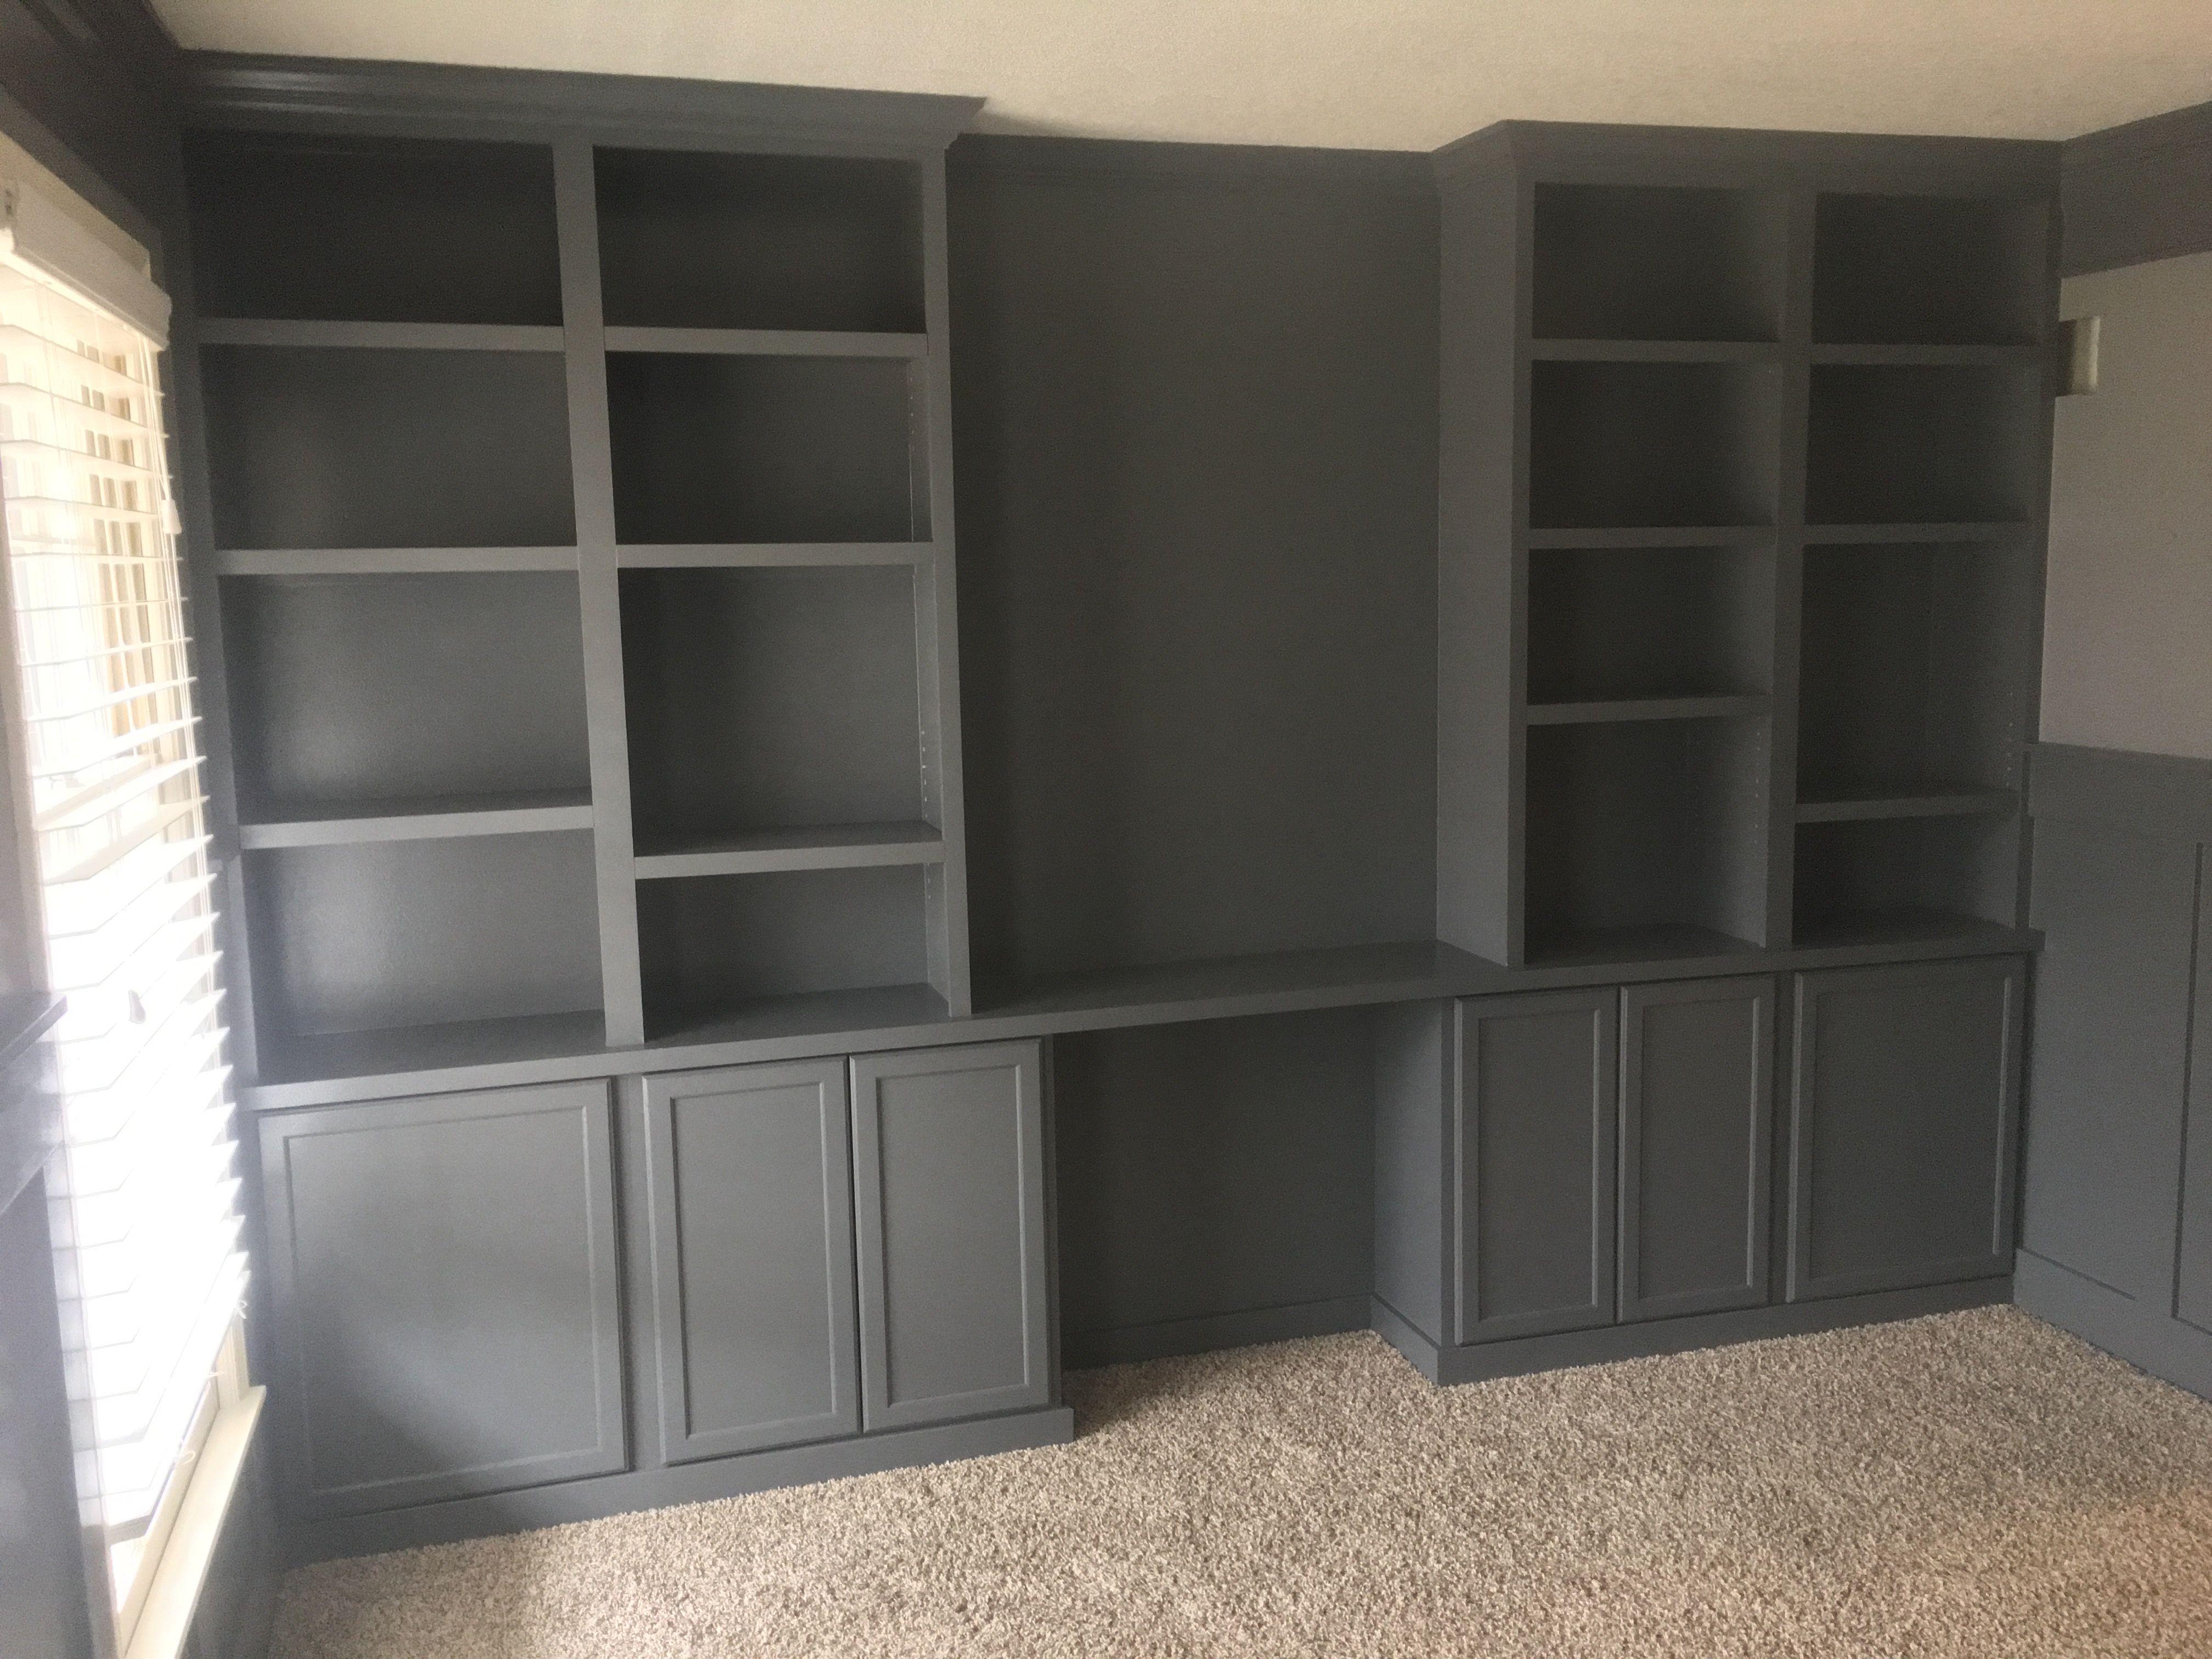 Builtins interior work remodel home repair